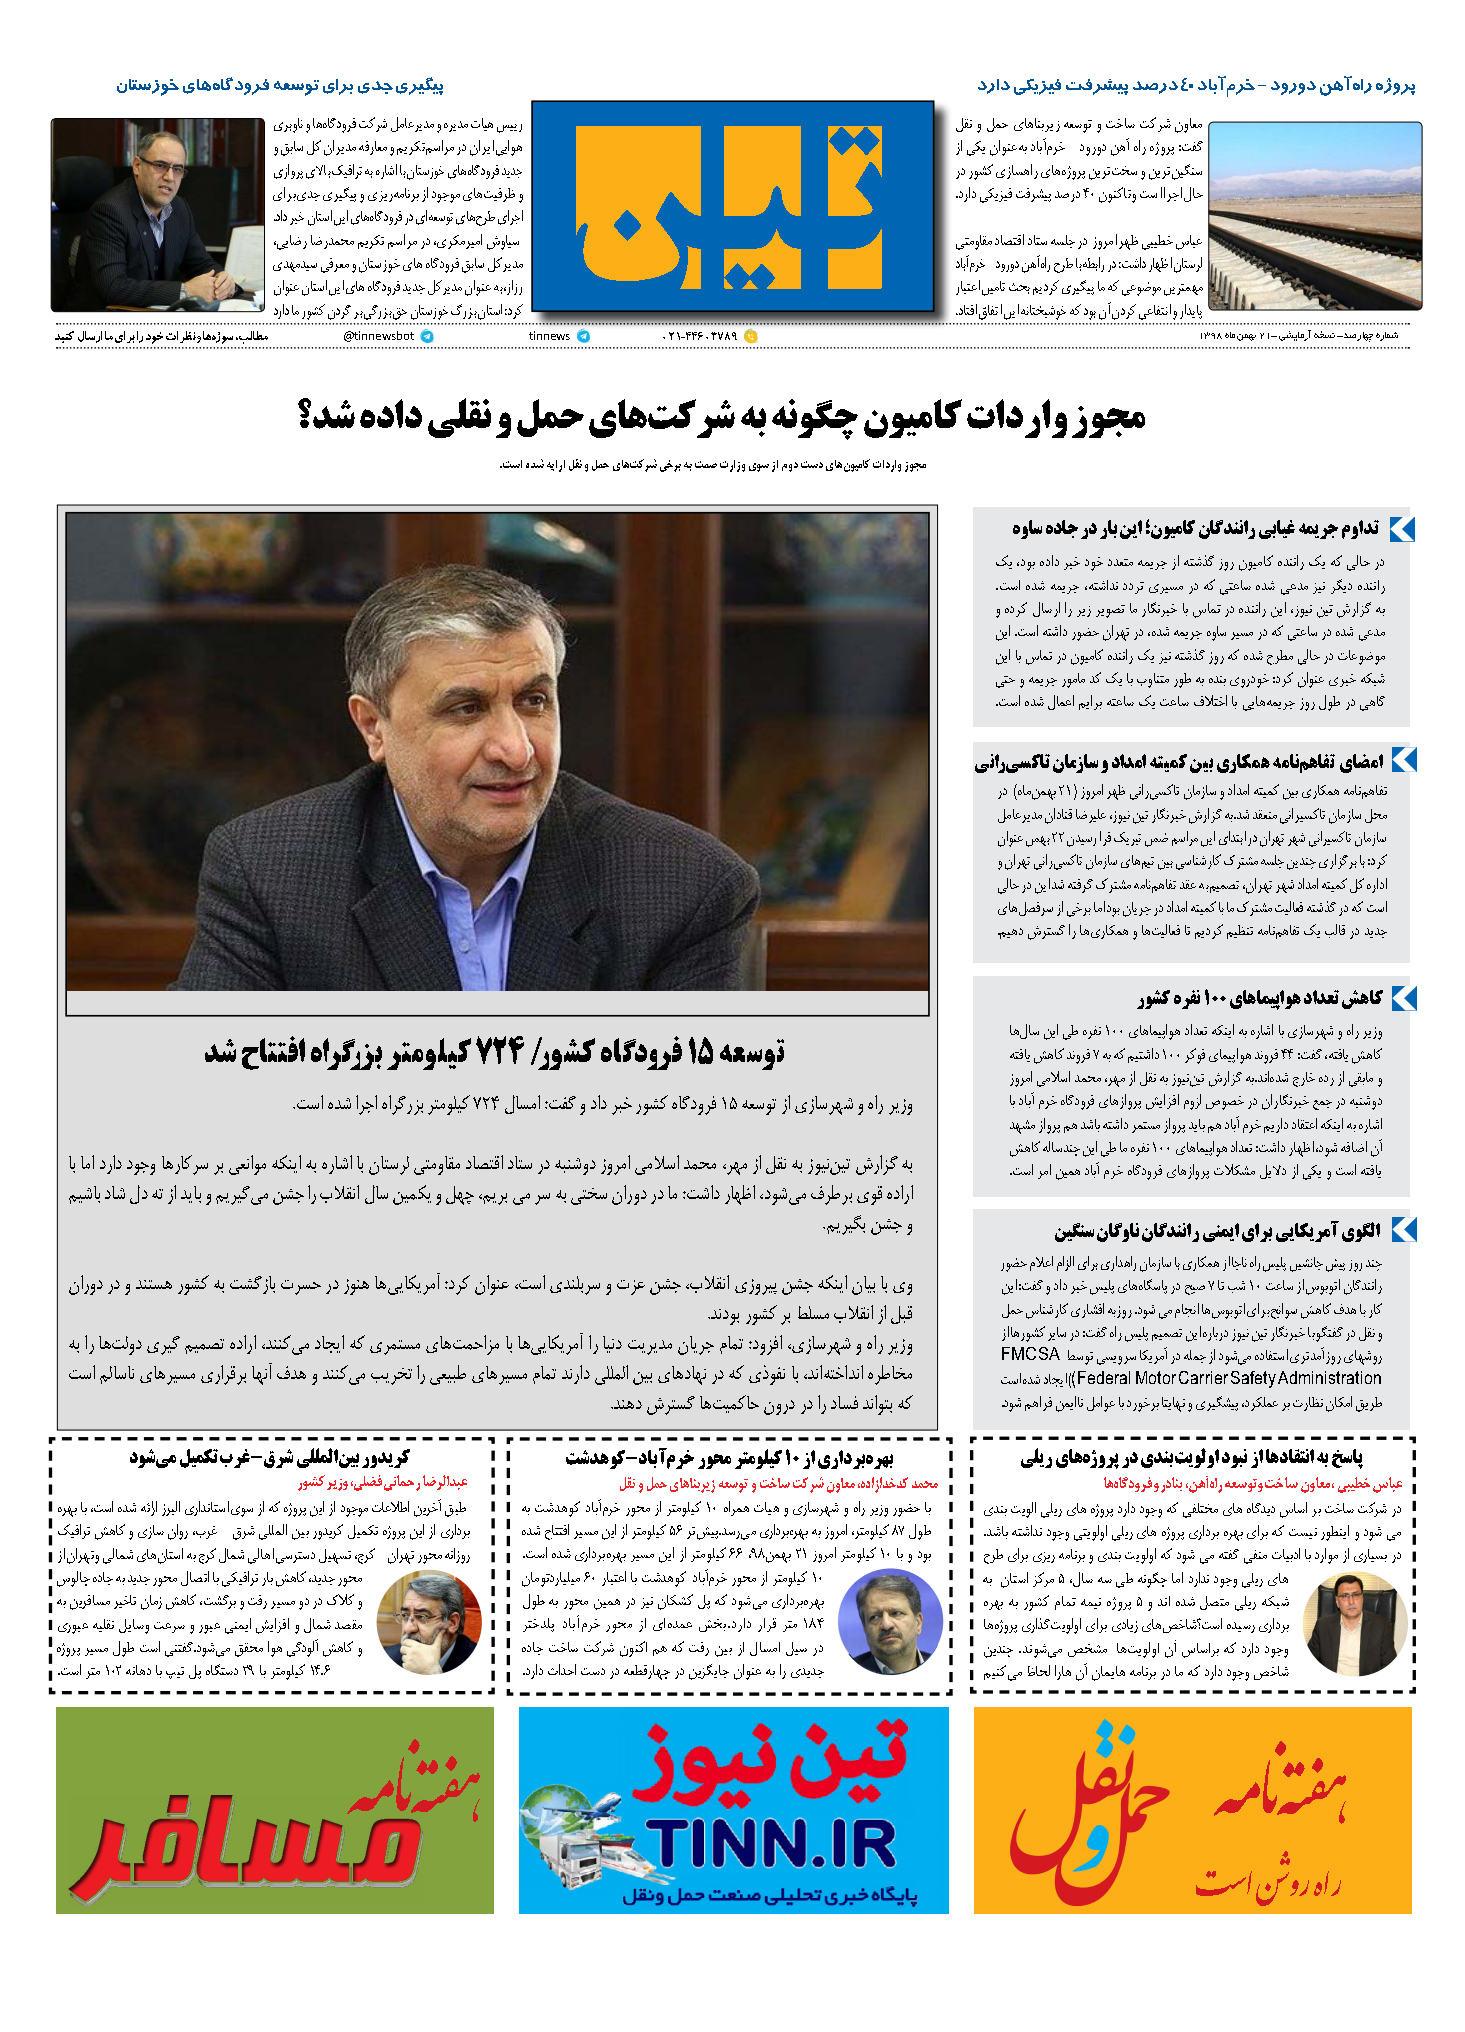 روزنامه الکترونیک 21 بهمن ماه 98